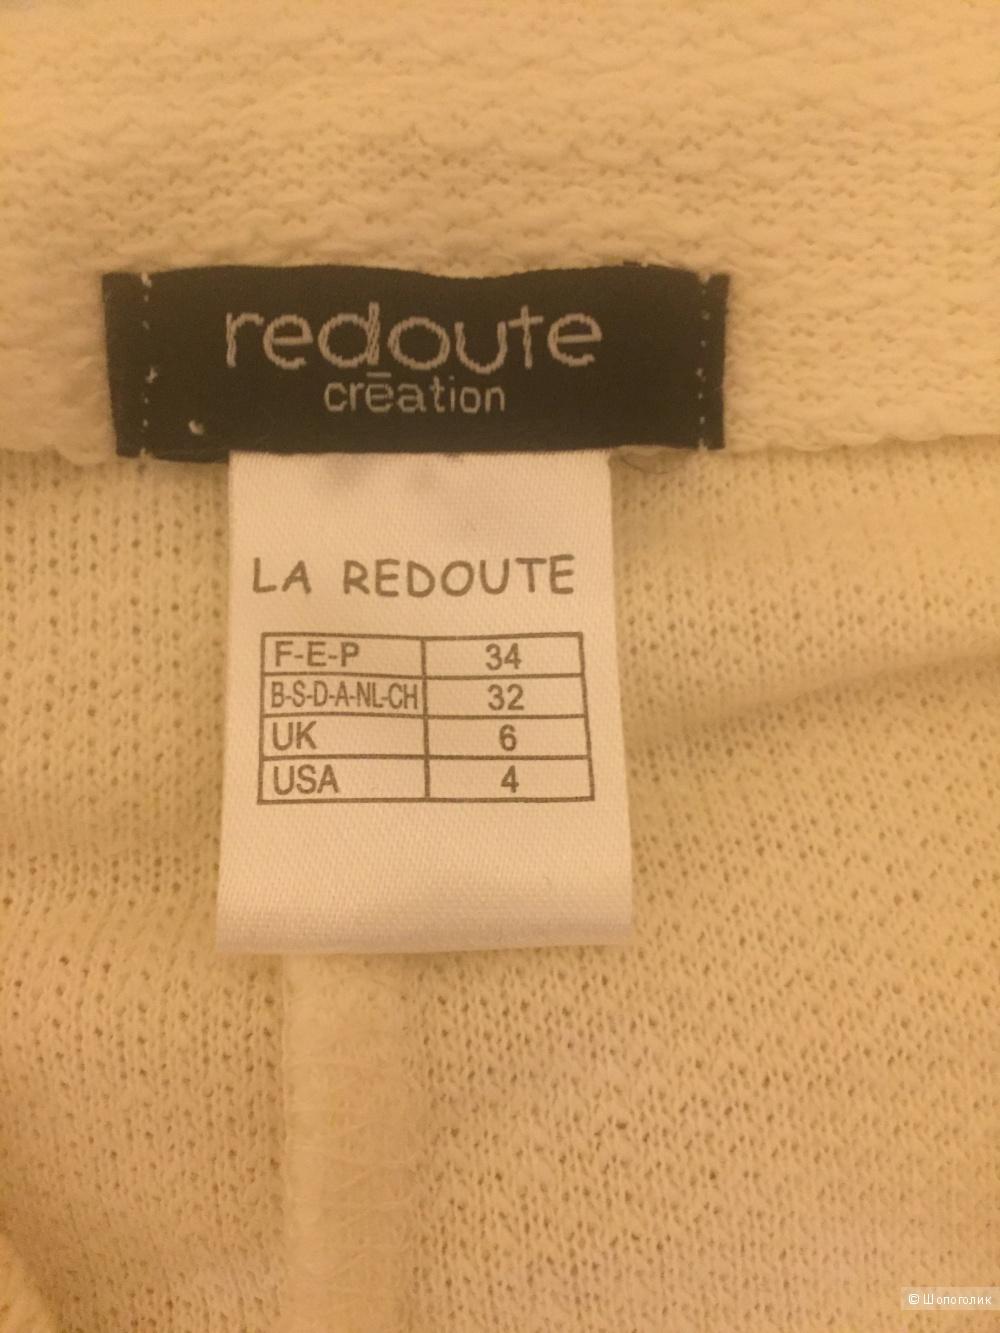 Хлопковый блейзер La redoute 34 размер